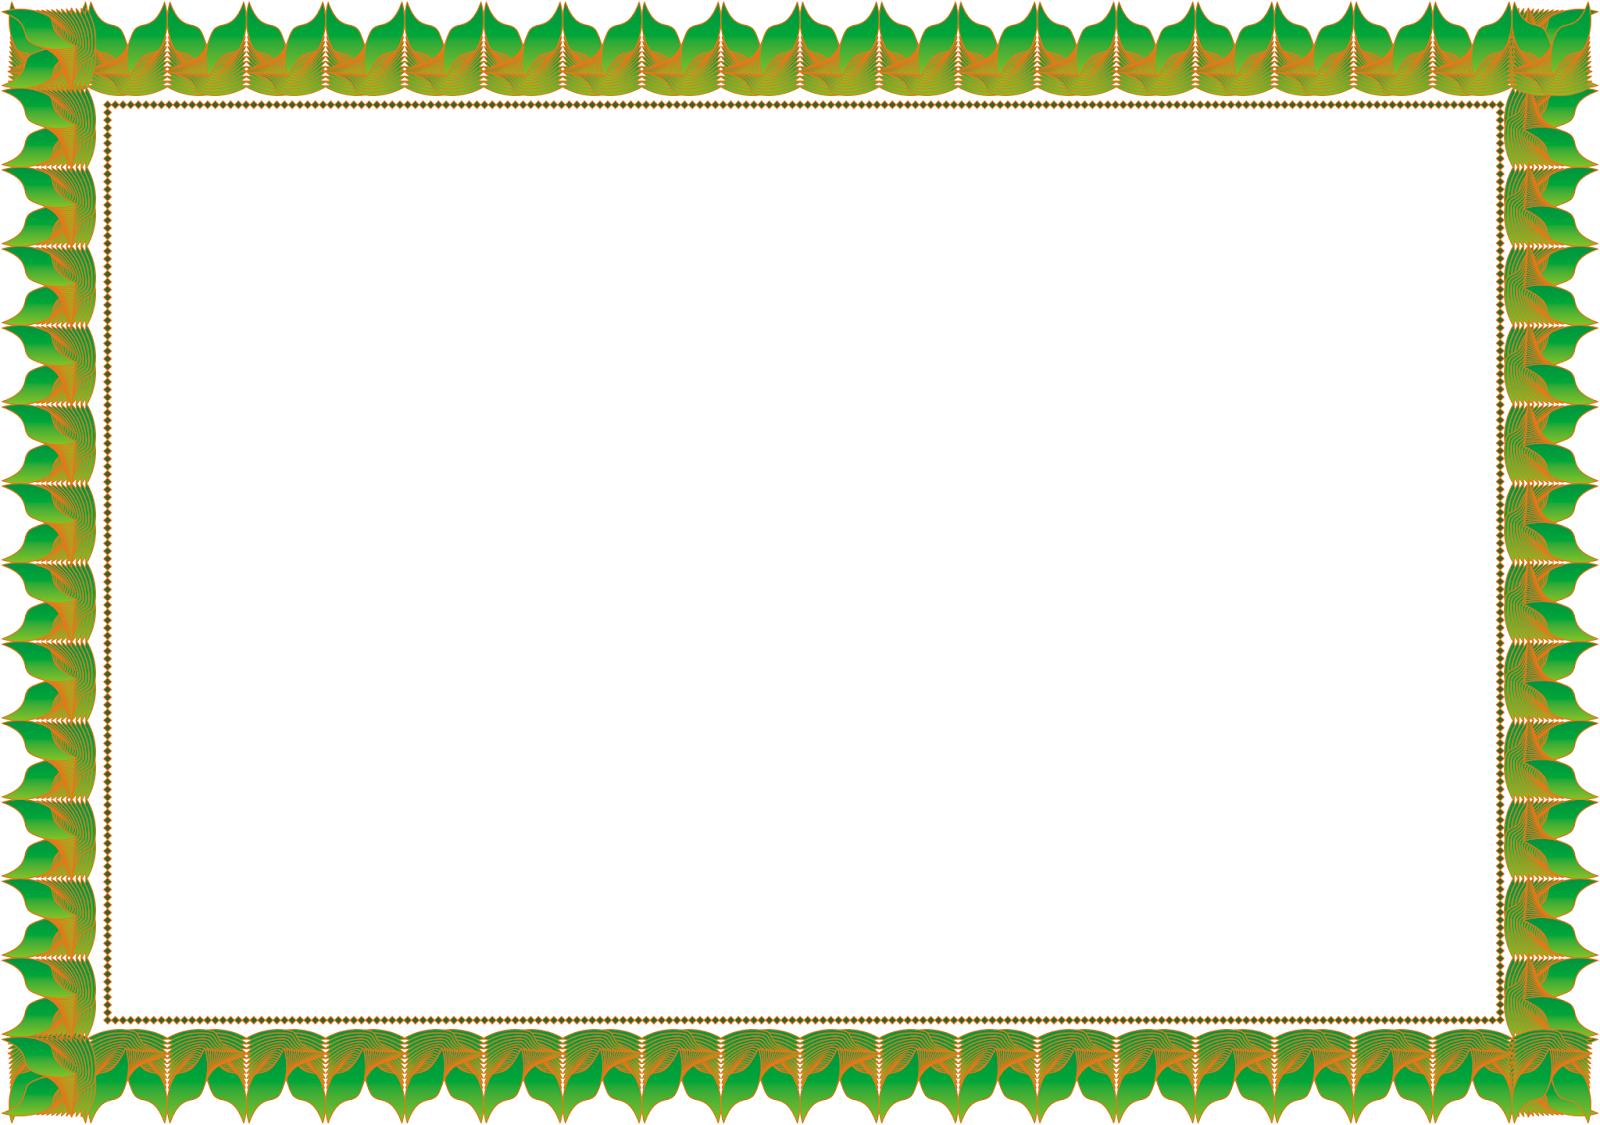 Download Border Bingkai Template Desain Grafis